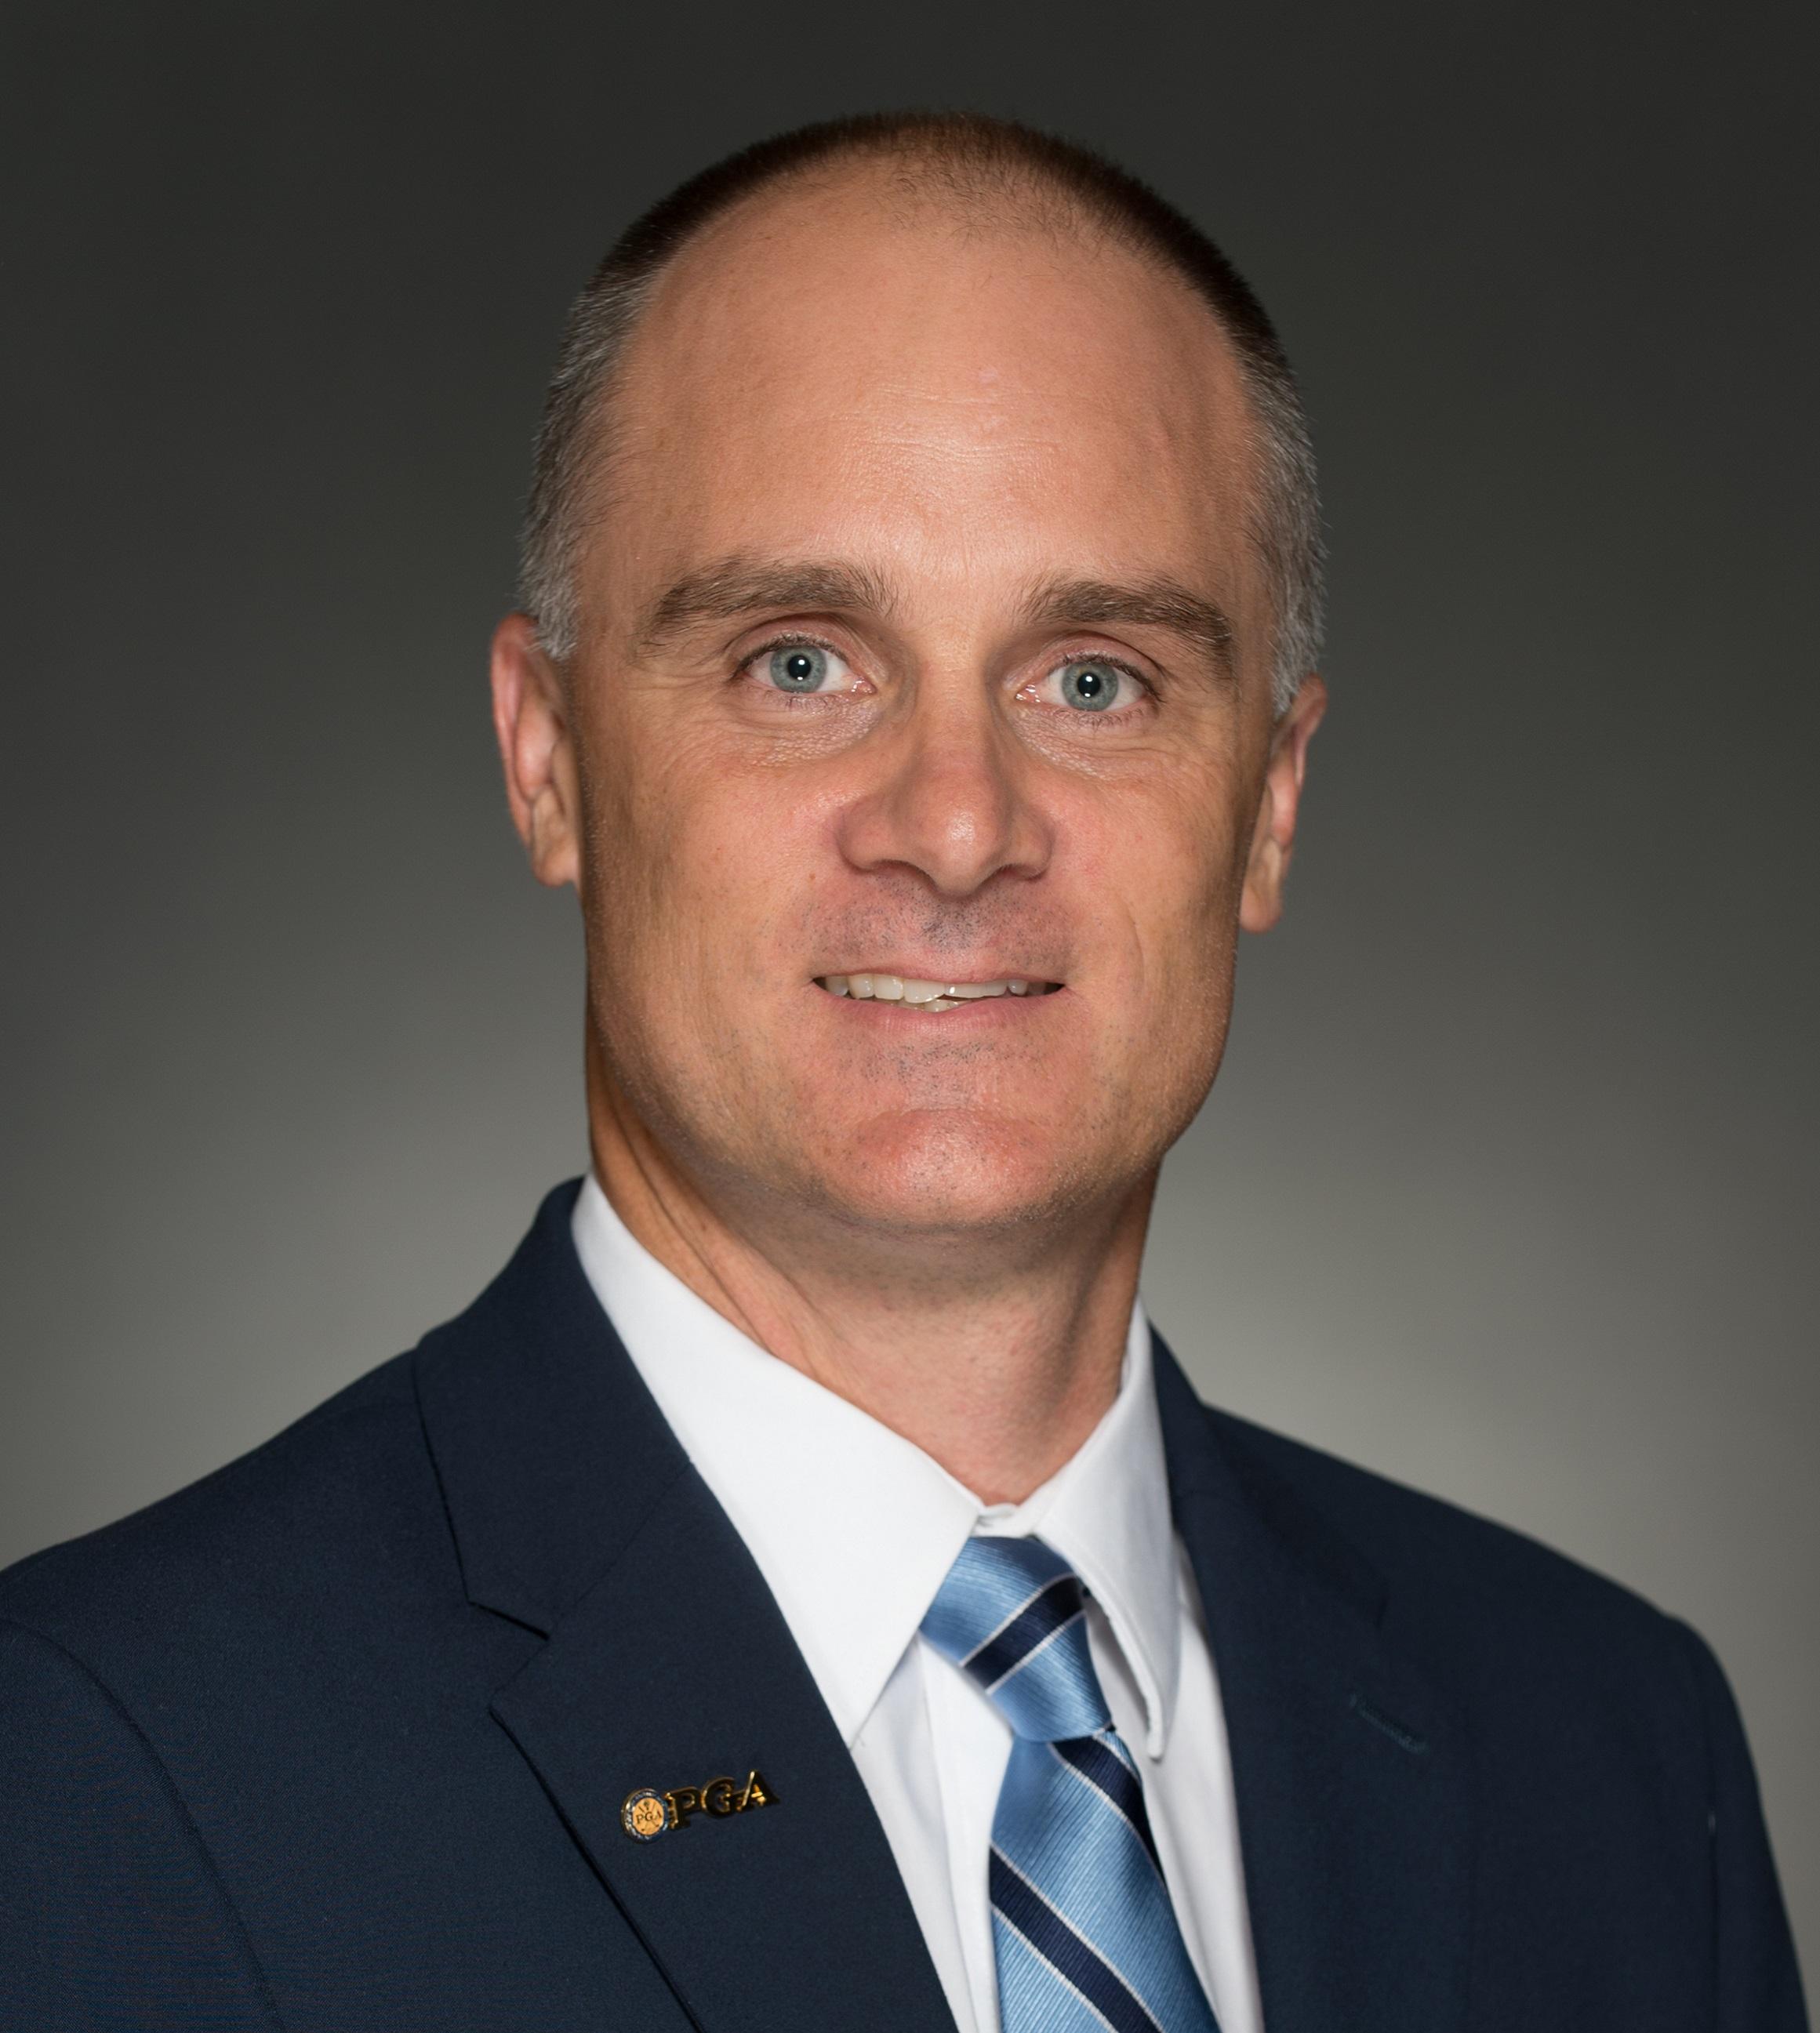 Mike Mueller, PGA